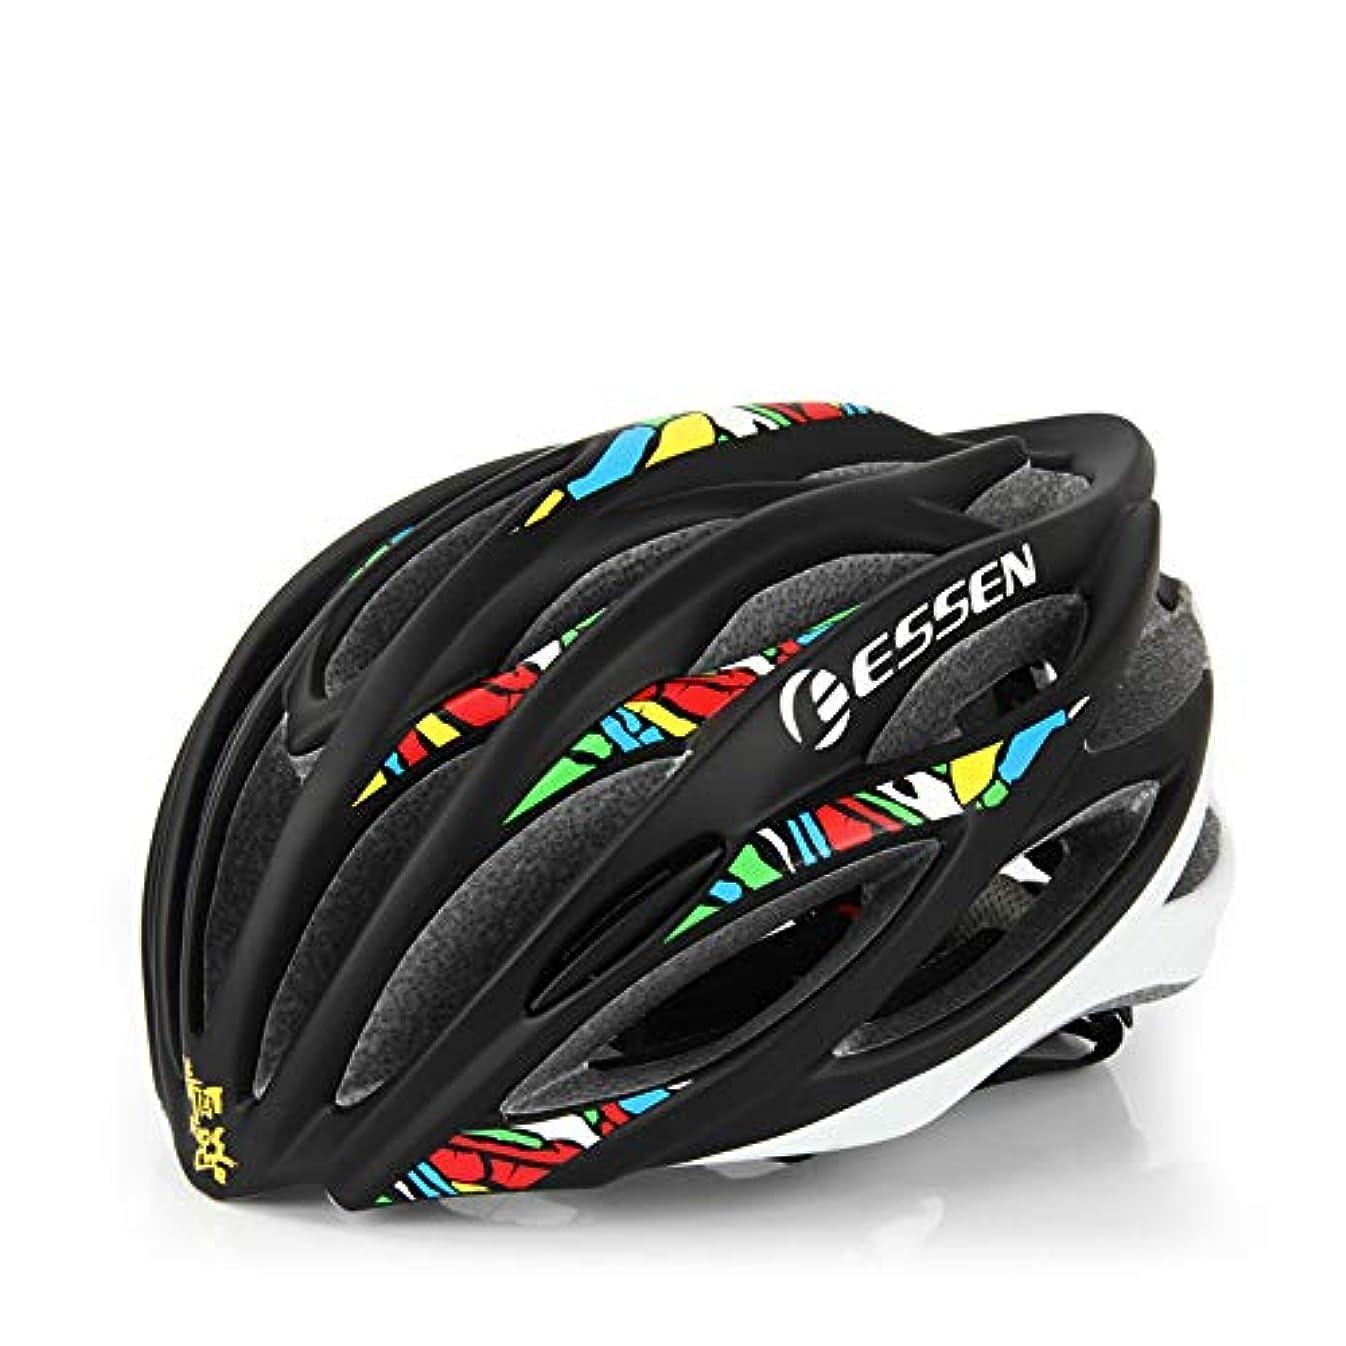 木製有効角度ヘルメット、自転車ヘルメット、高密度EPSキャップ材を使用、ヘルメットの耐衝撃性をワンピース設計で実現、体重わずか255g、頭囲54-59Cmに適しています